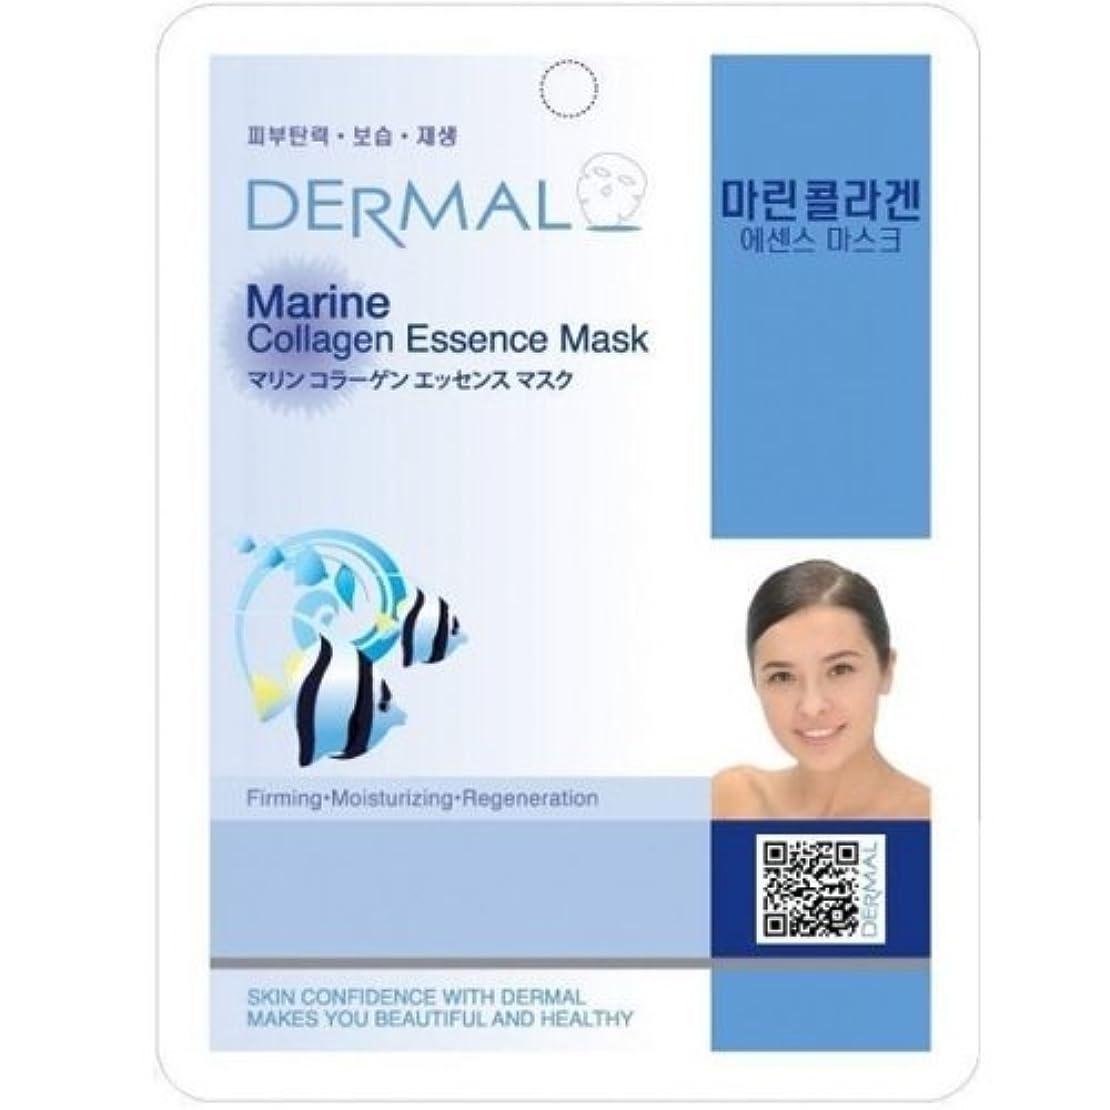 ラッドヤードキップリング毒性見せますシート マスク コラーゲン ダーマル Dermal 23g (10枚セット) 韓国コスメ フェイス パック